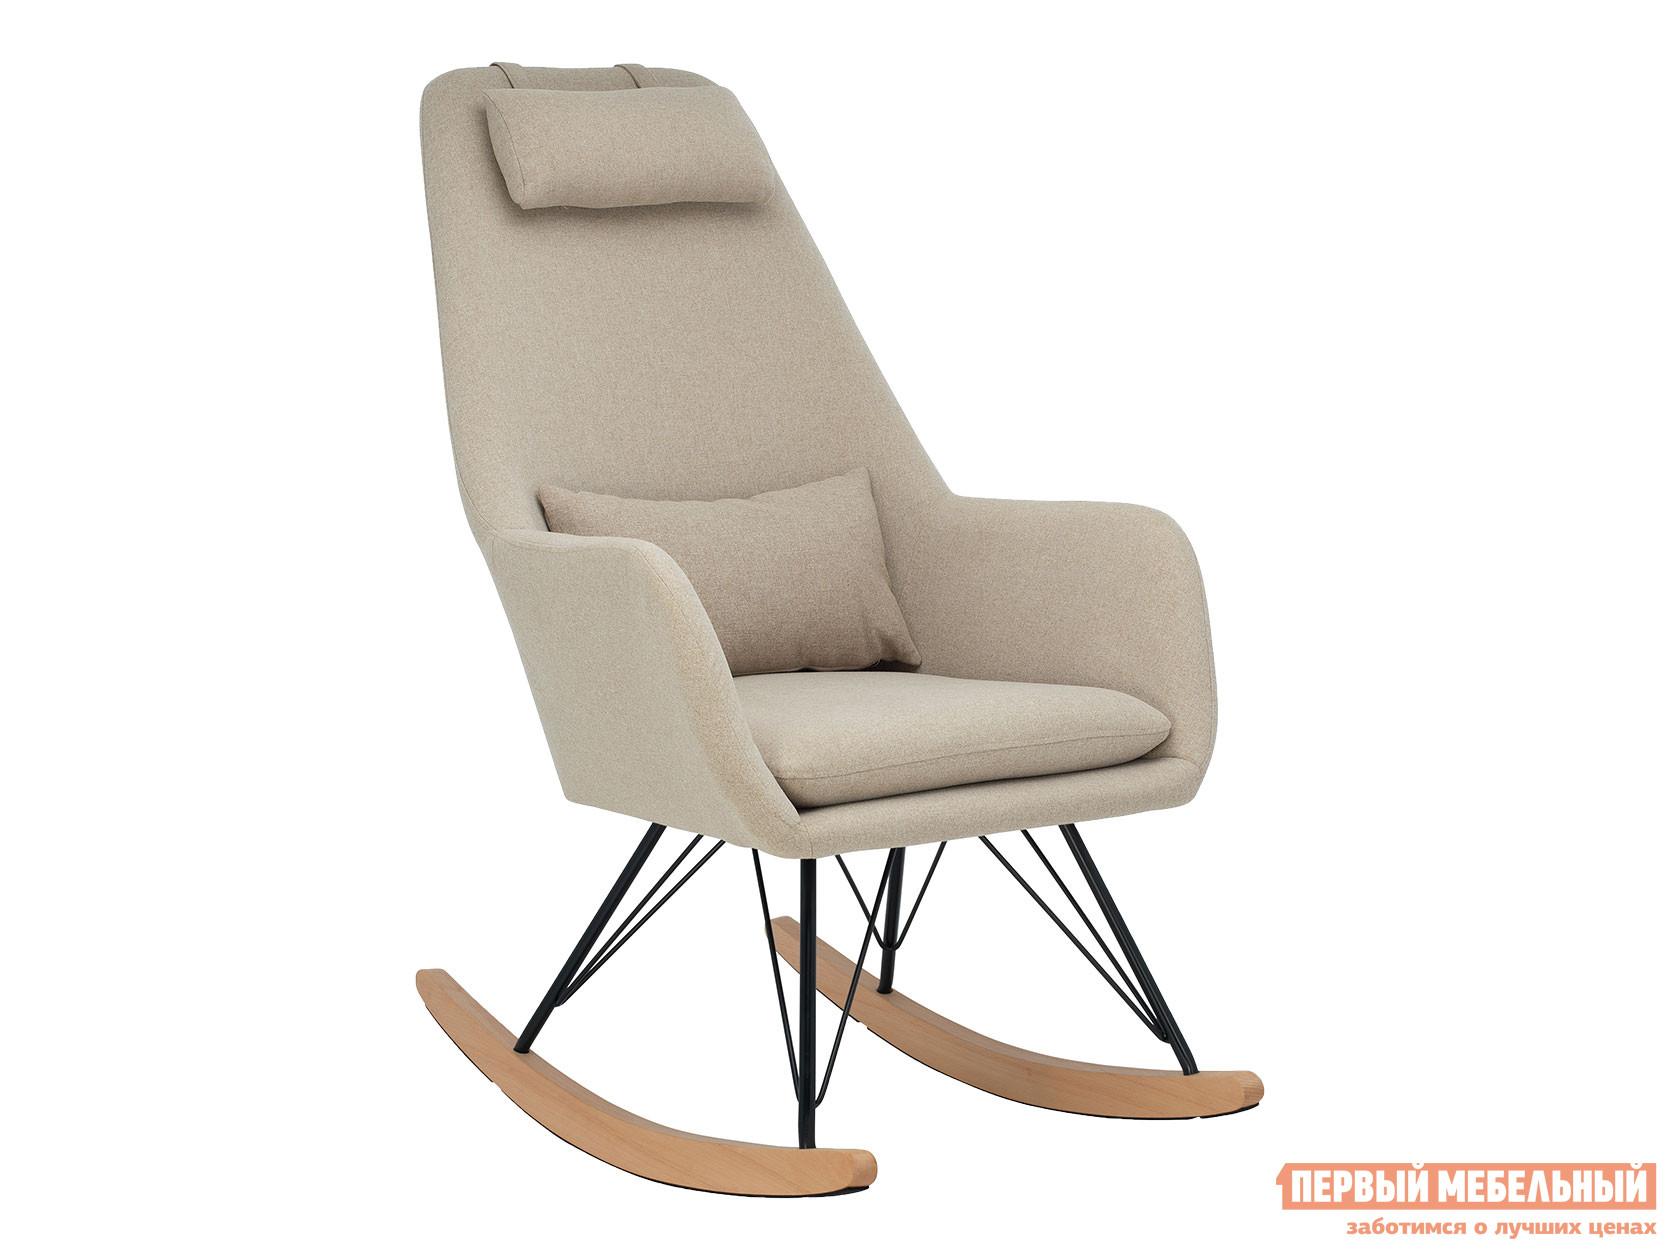 Кресло-качалка Мебель Импэкс Кресло-качалка LESET MORIS кресло качалка мебель импэкс кресло качалка складное белтех